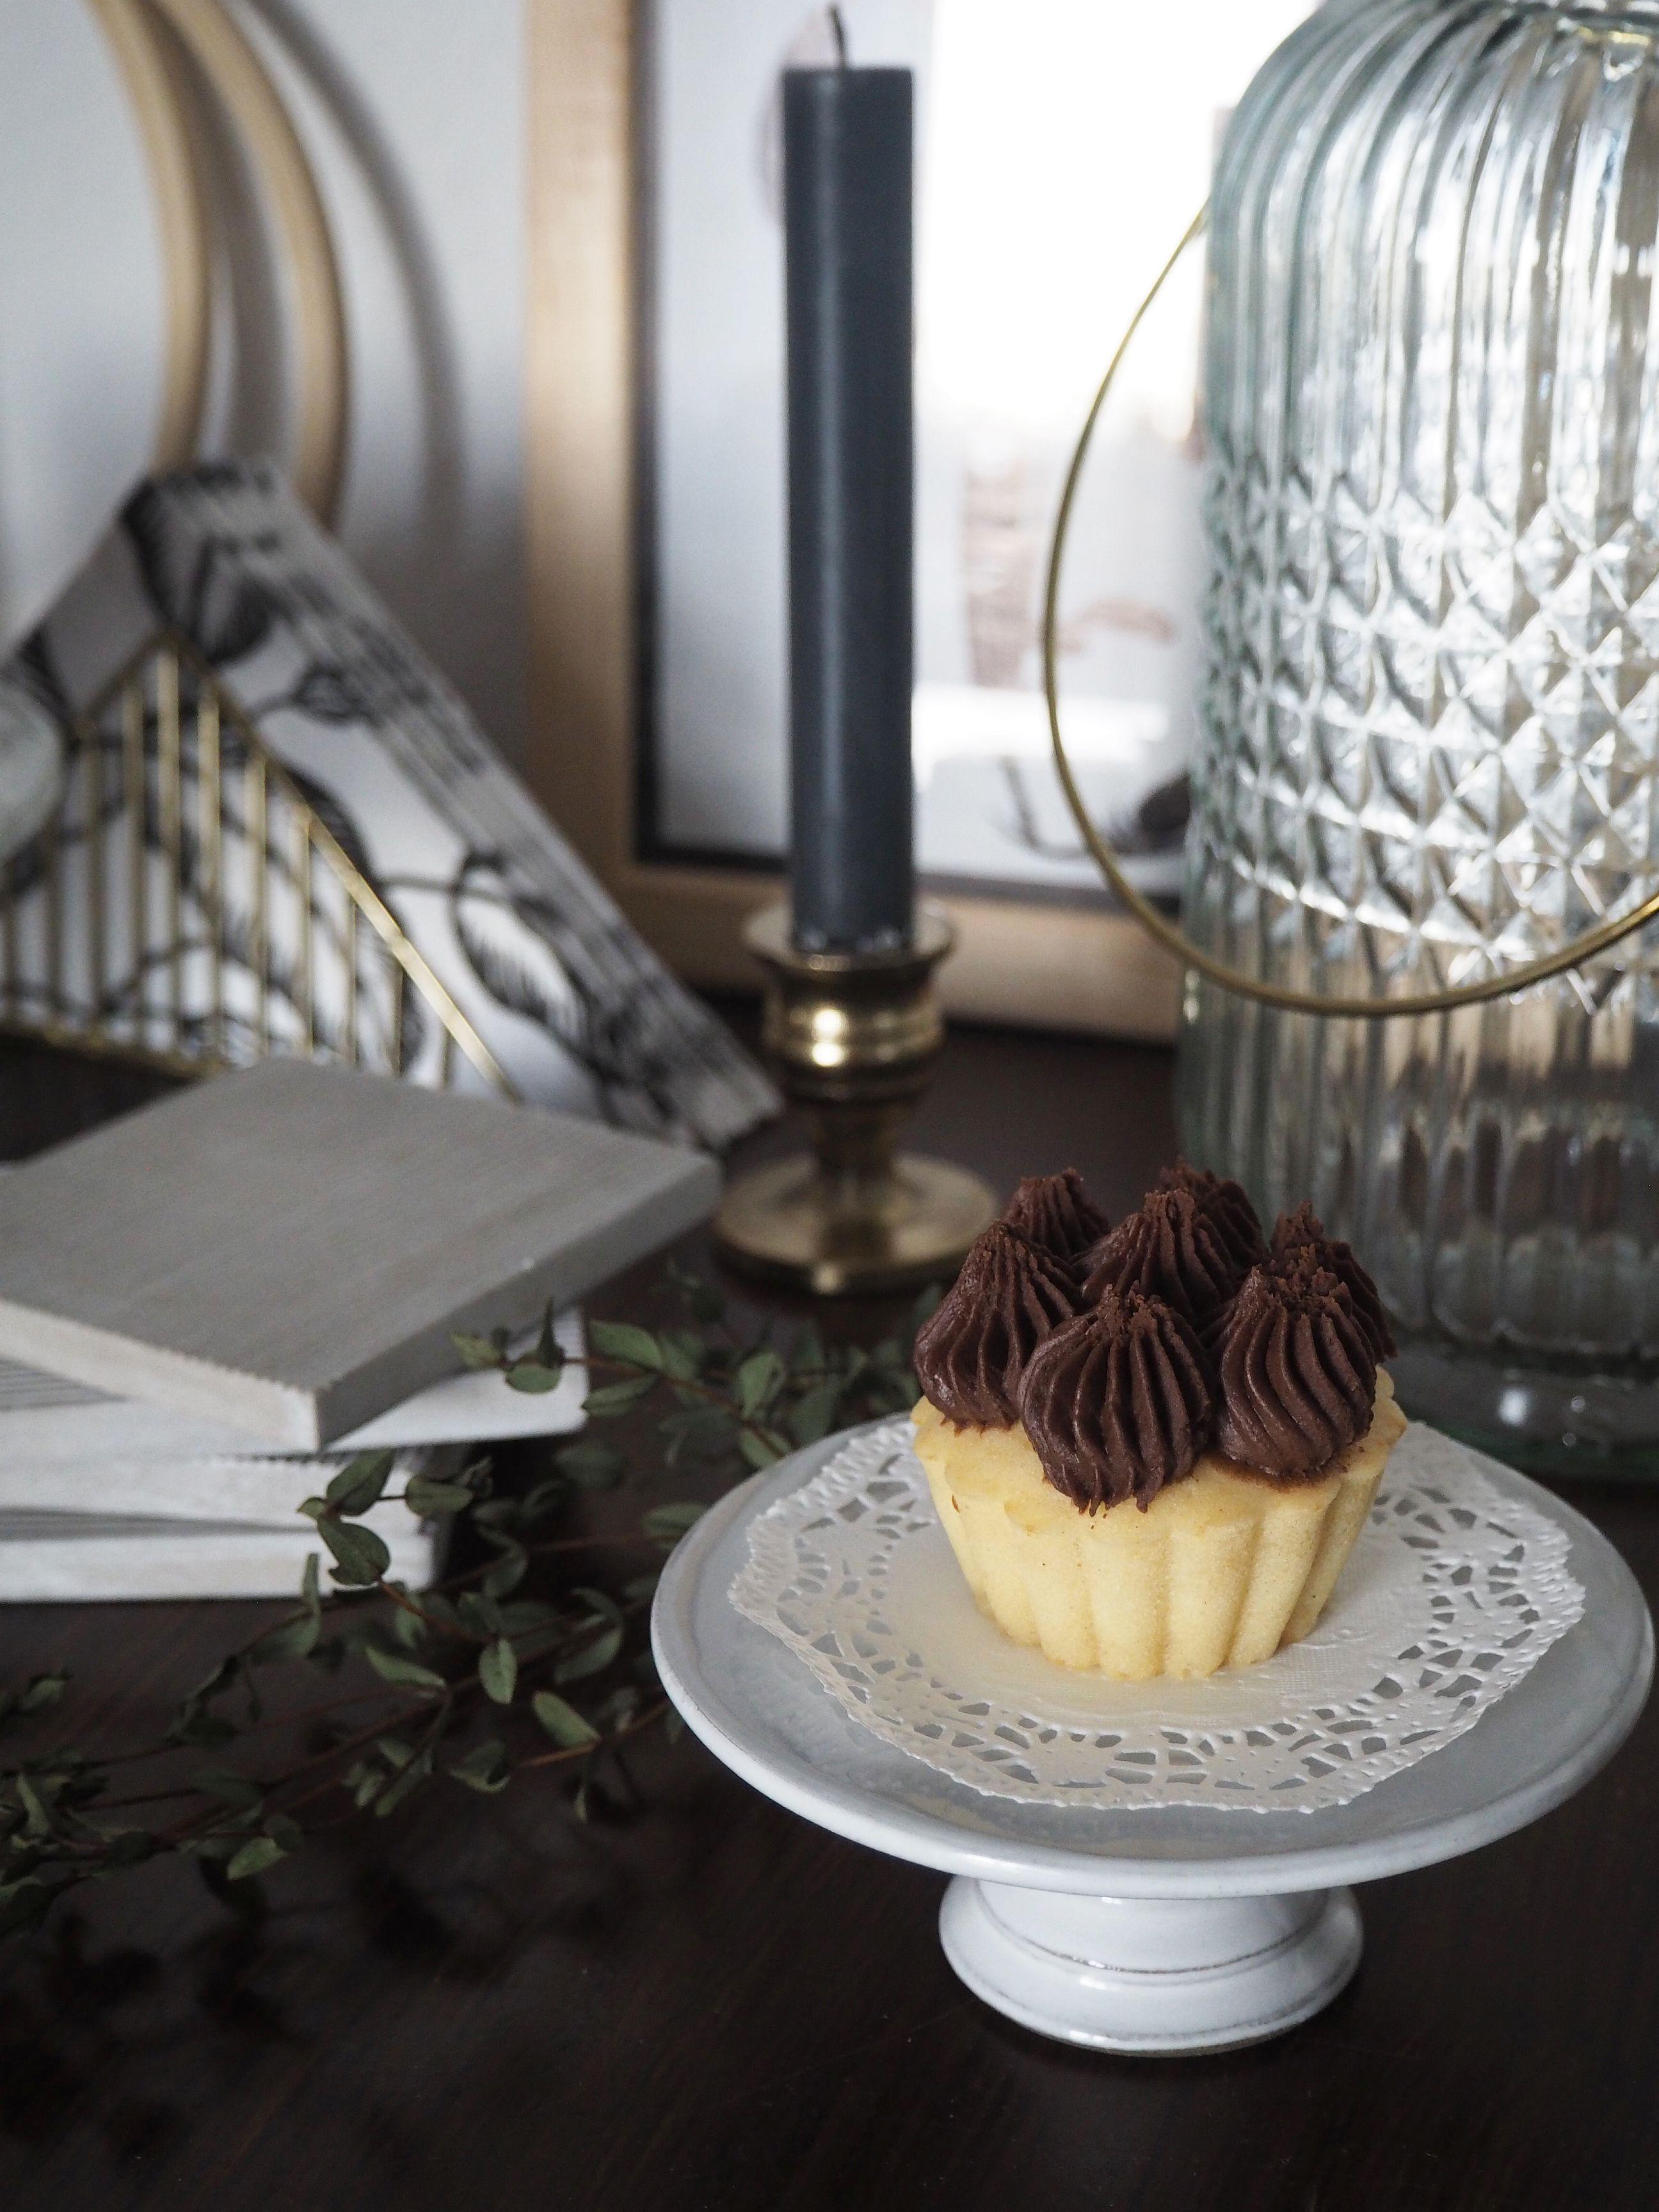 2018-01-skoen-och-kreativ-food-cookies-cake-love-vanilla-chocolate-cupcakes (4)